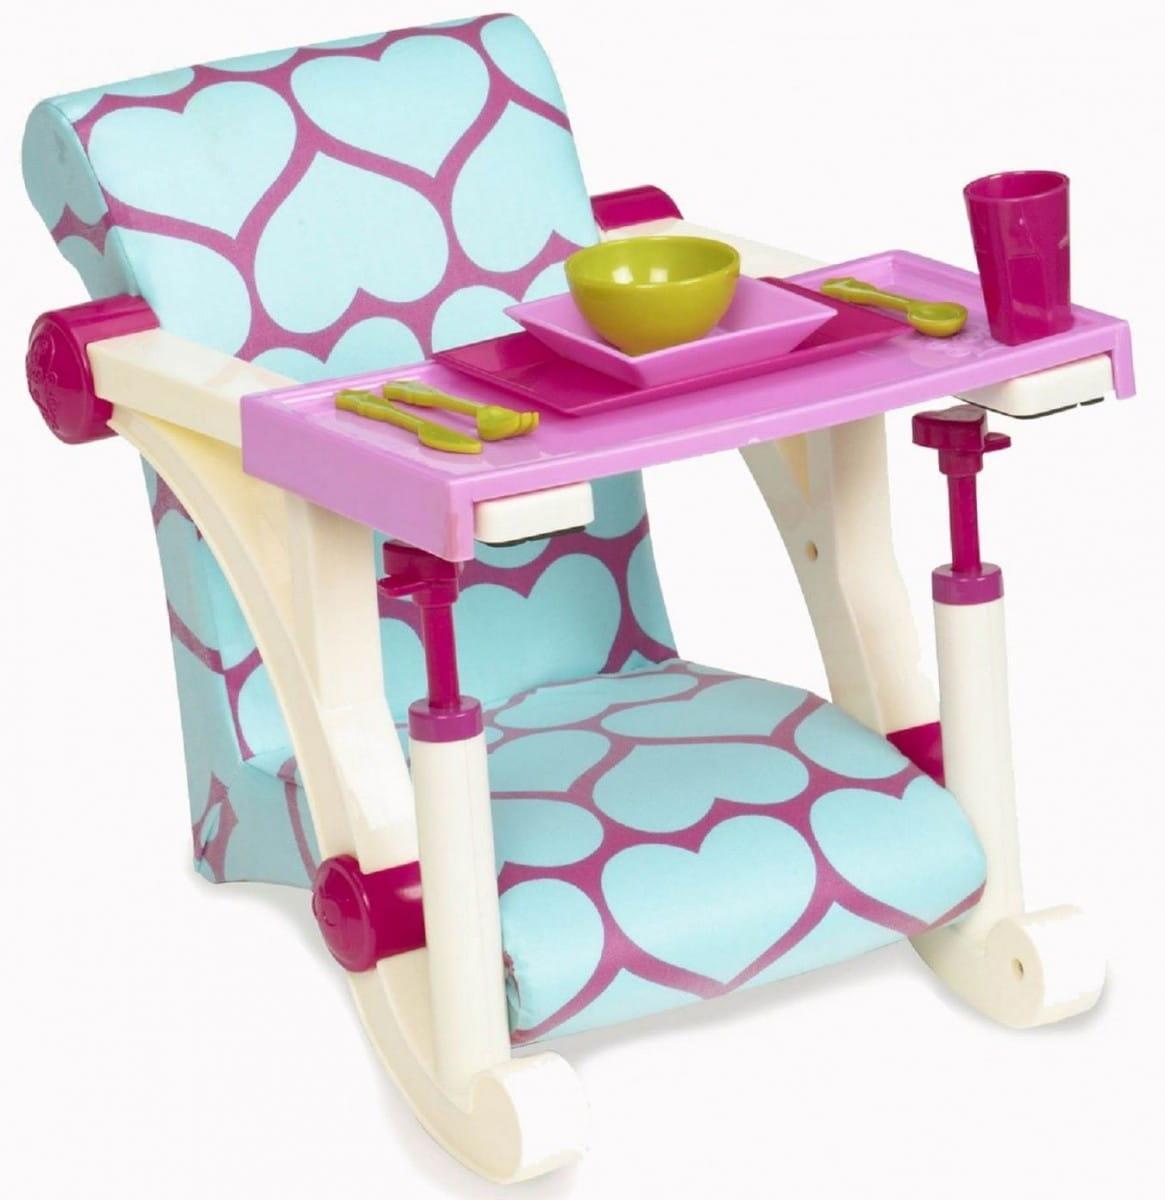 Стульчик для кормления куклы Our Generation Dolls b11525 - 46 см (крепление к столу)